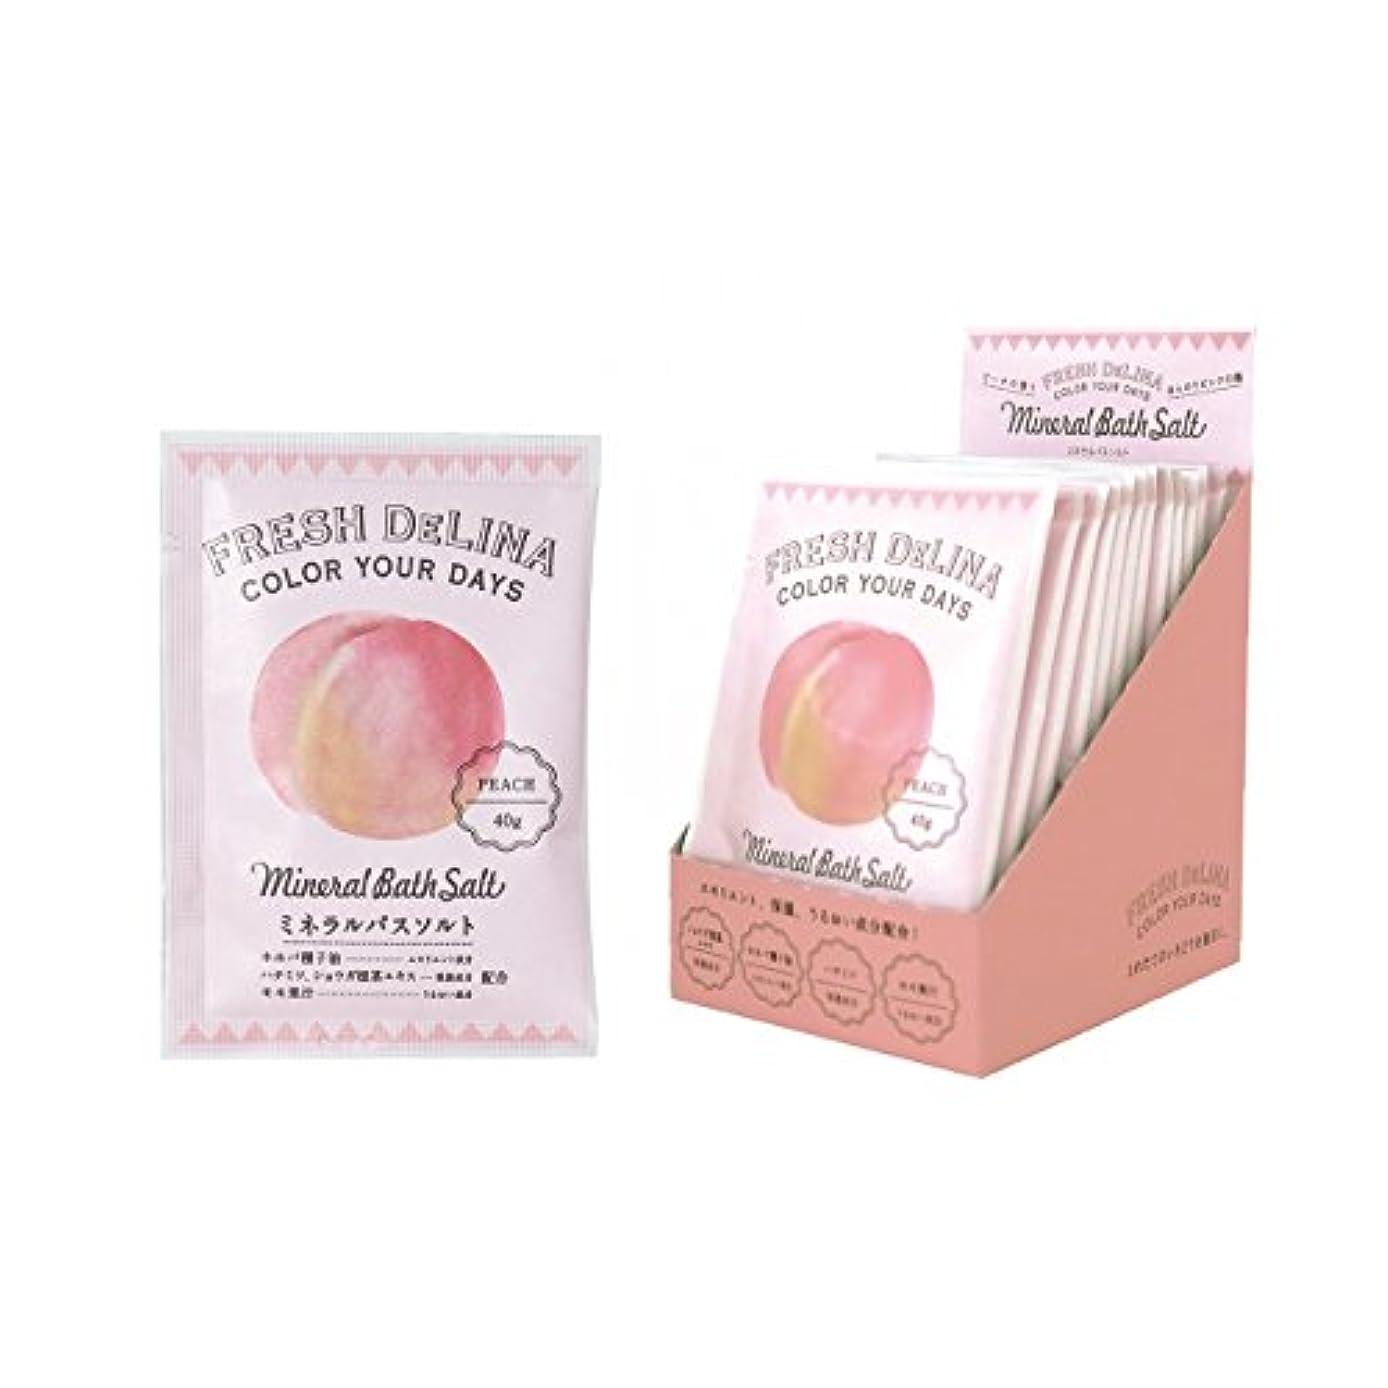 エミュレートする独創的ルールフレッシュデリーナ ミネラルバスソルト40g(ピーチ) 12個 (海塩タイプ入浴料 日本製 みずみずしい桃の香り)